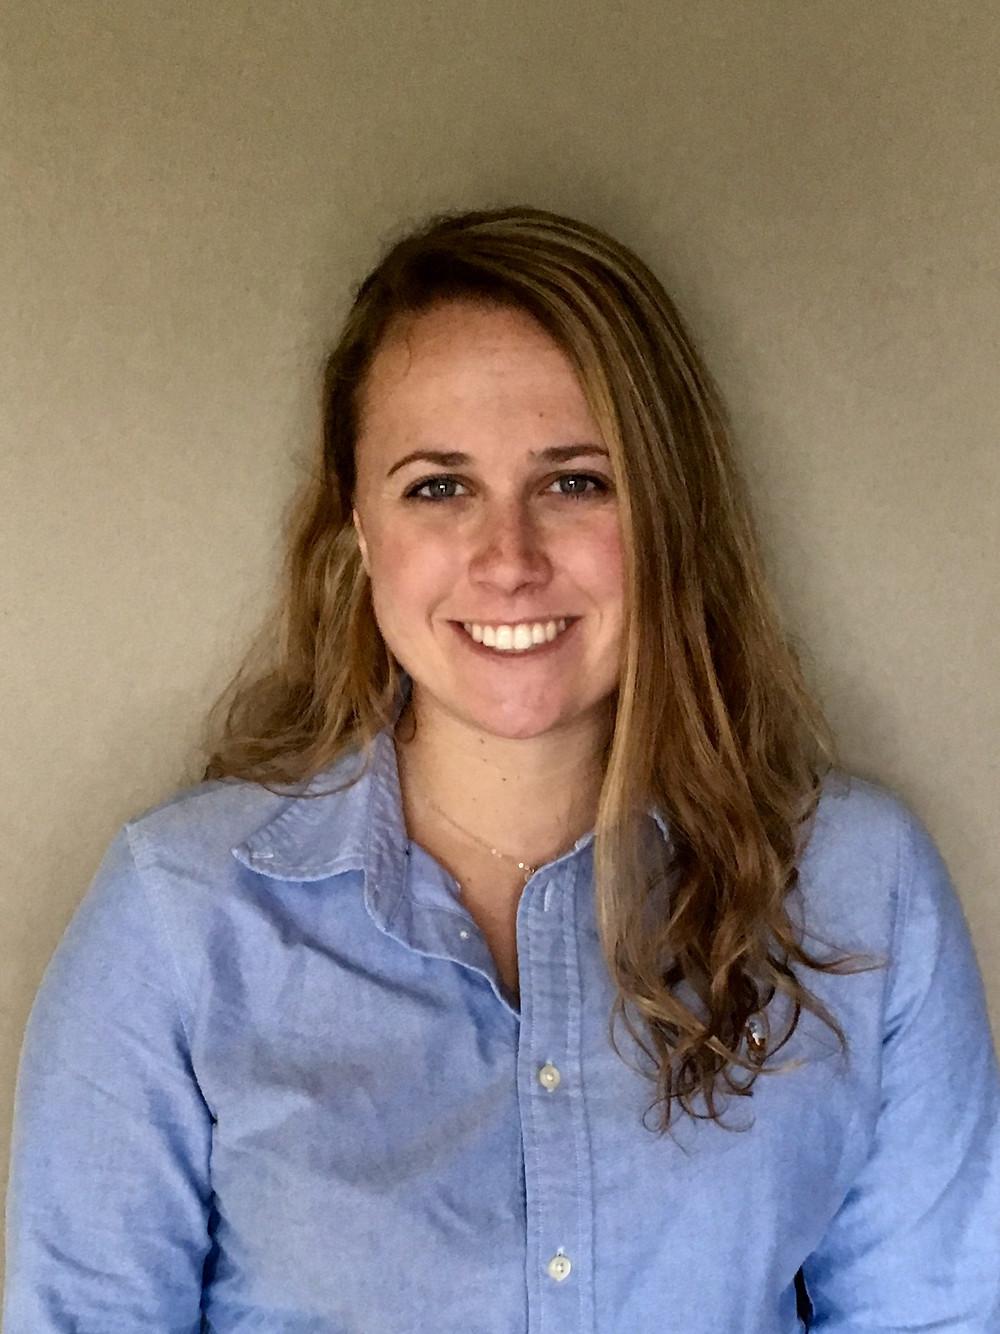 Kathryn, Marketing Director